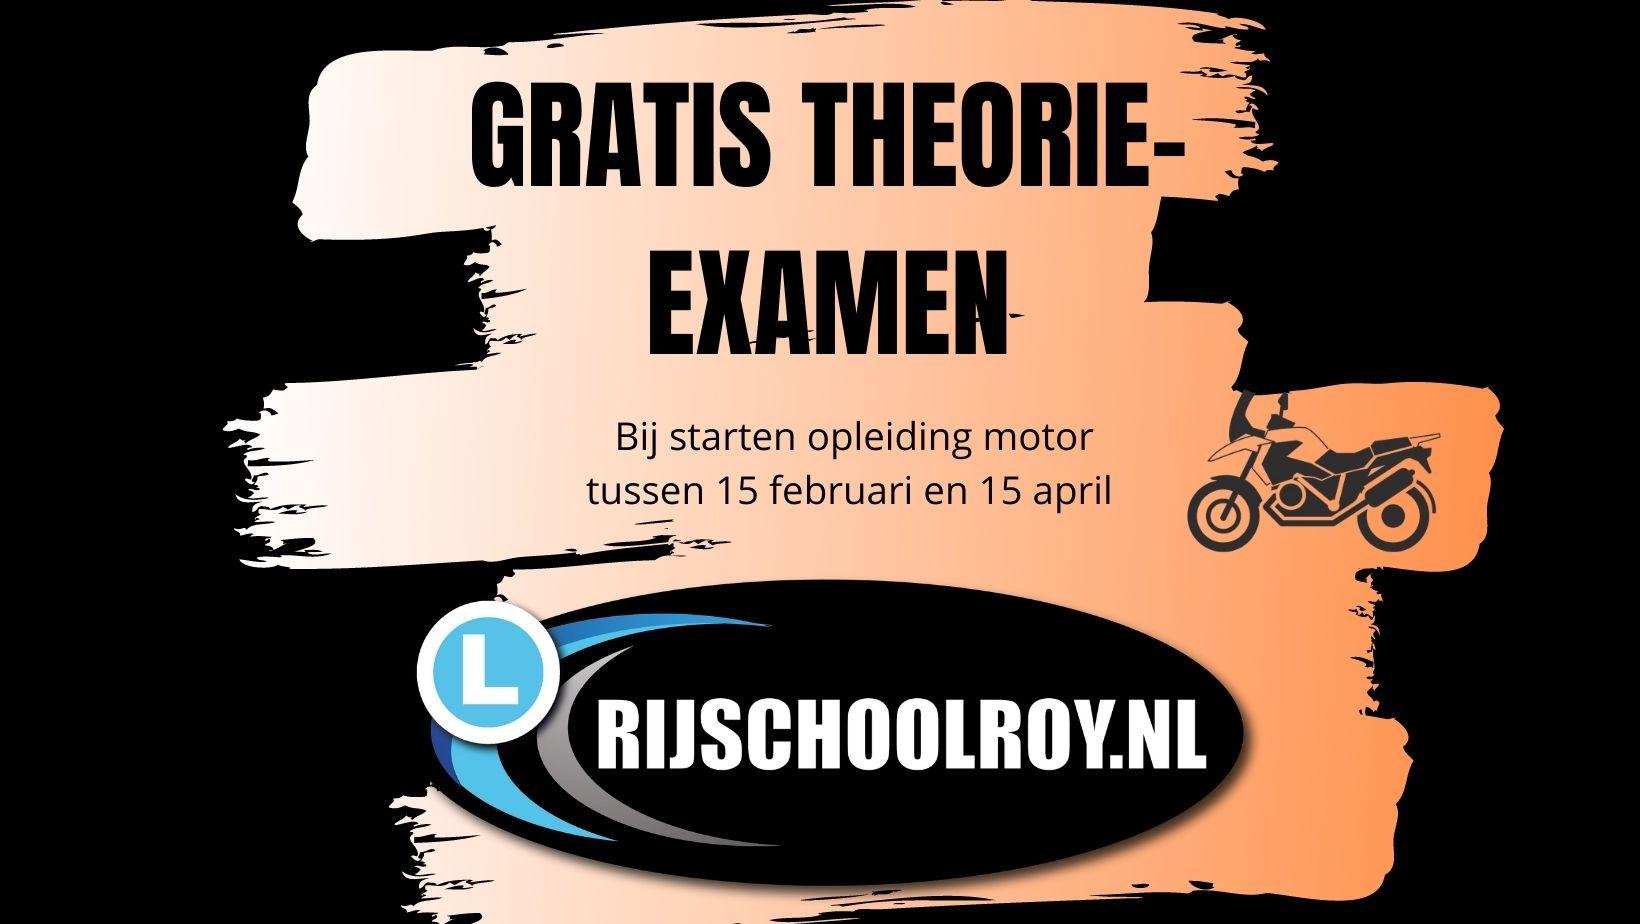 Gratis Theorie Examen Liggend Formaat